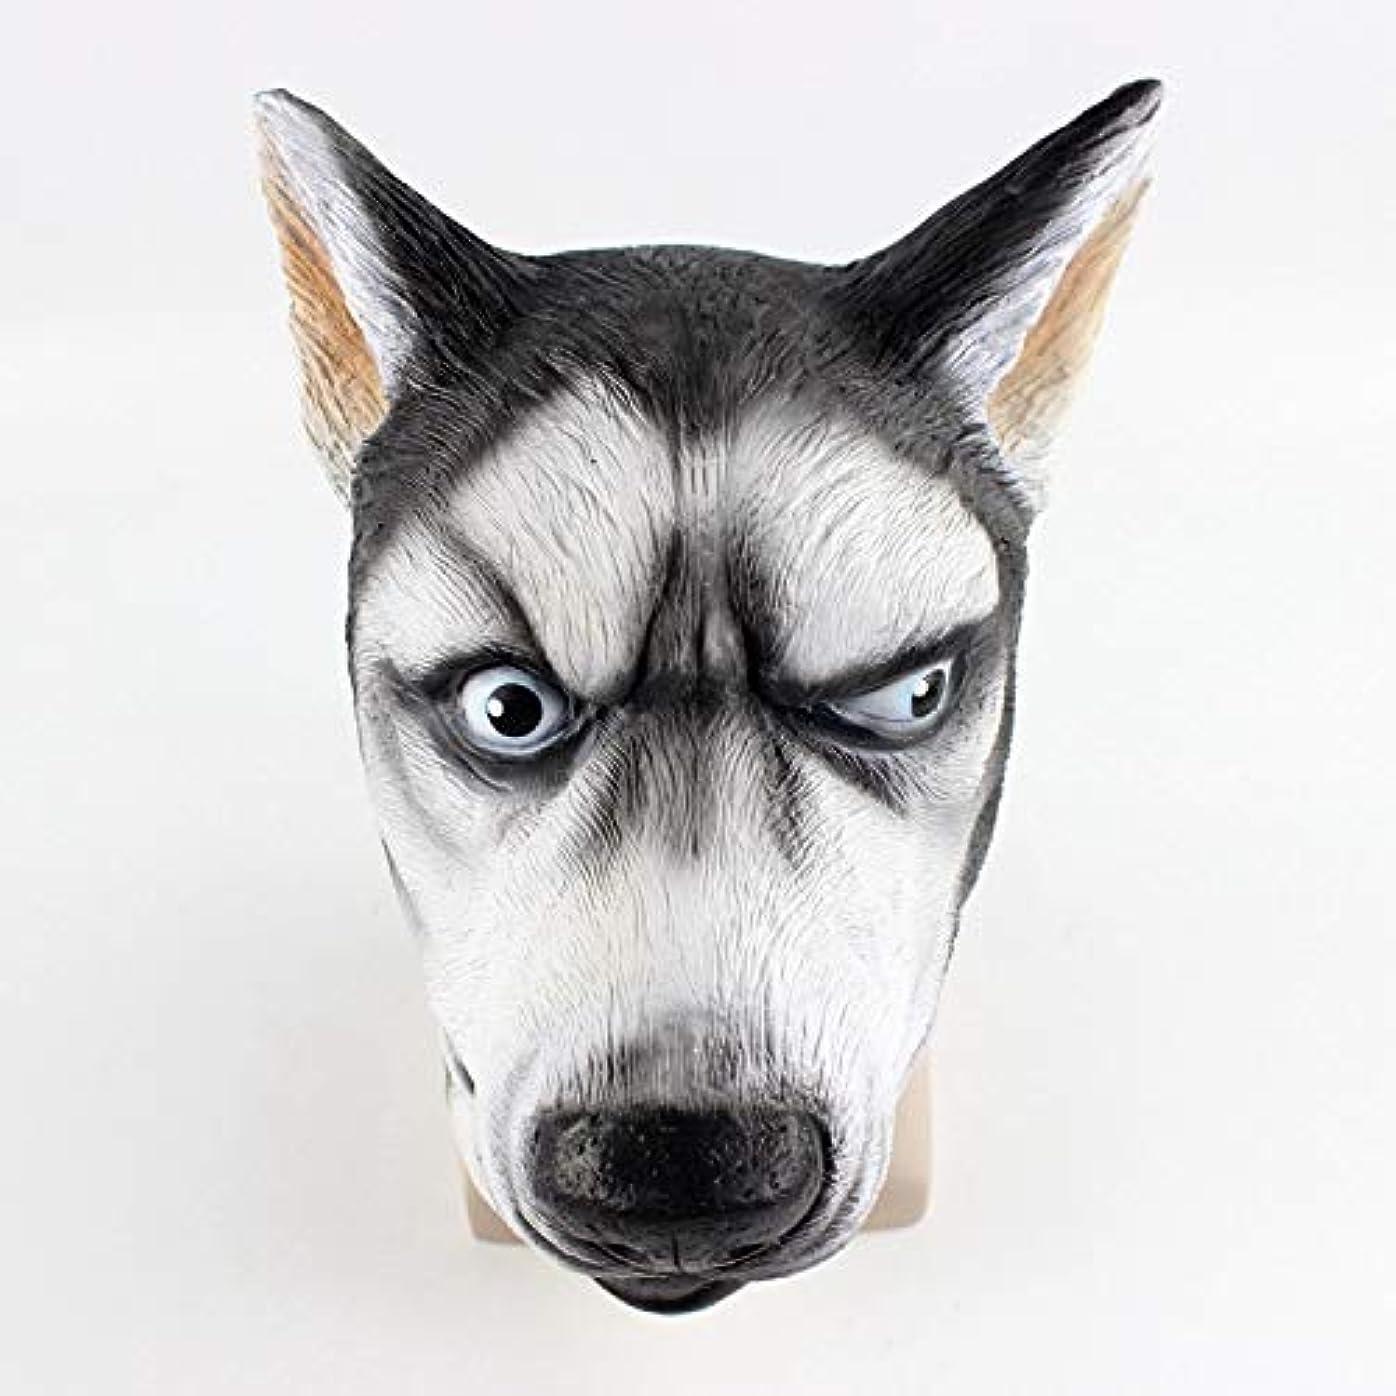 ミリメートル幾何学形シベリアンハスキー犬ラテックス動物ヘッドマスクノベルティコスチュームラバーマスク用ハロウィン動物犬ヘッドマスク